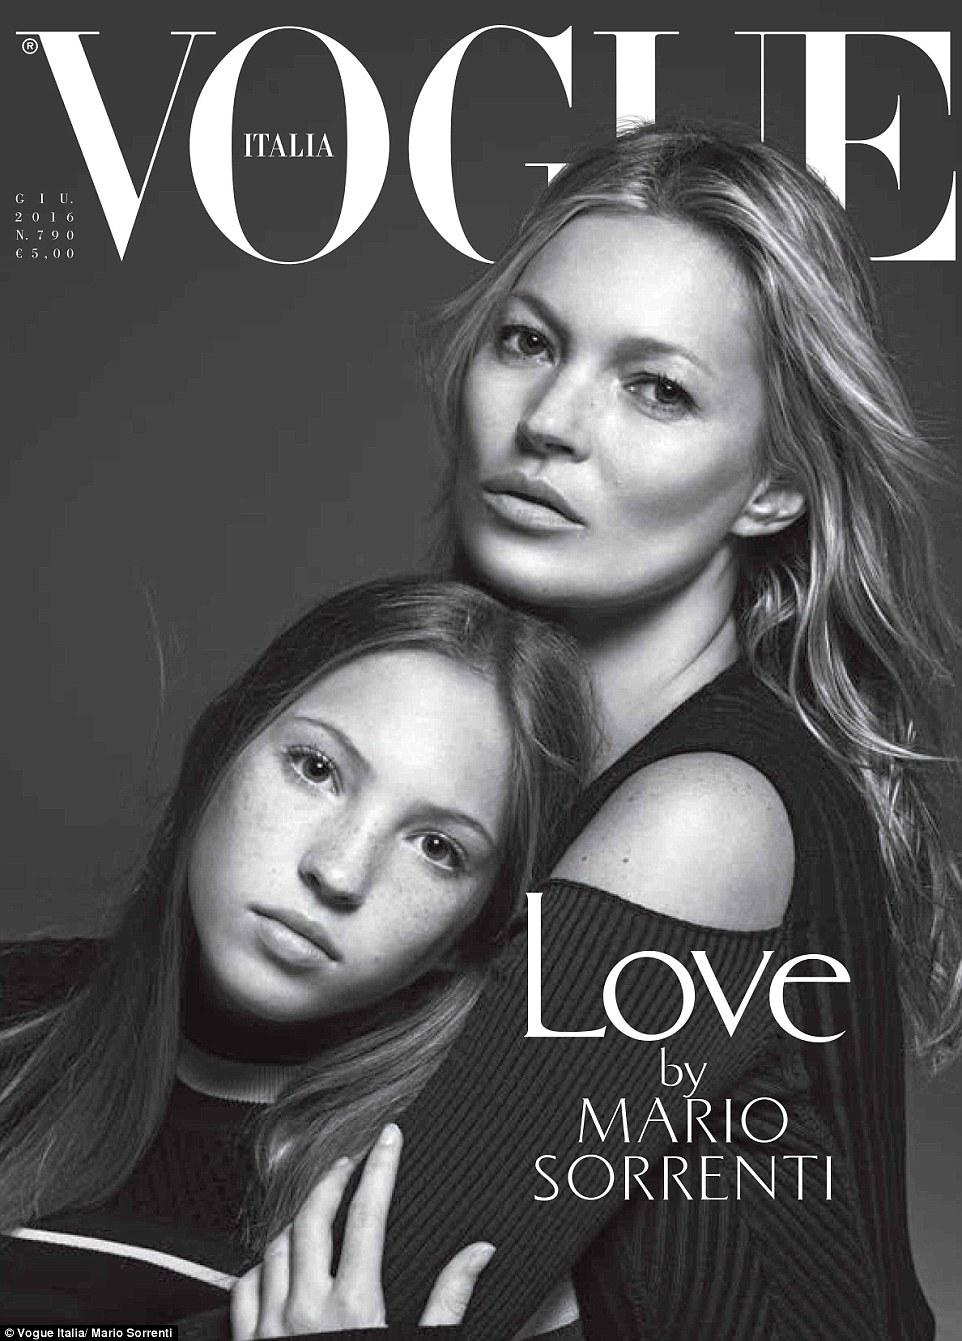 Vogue Italia June 2016